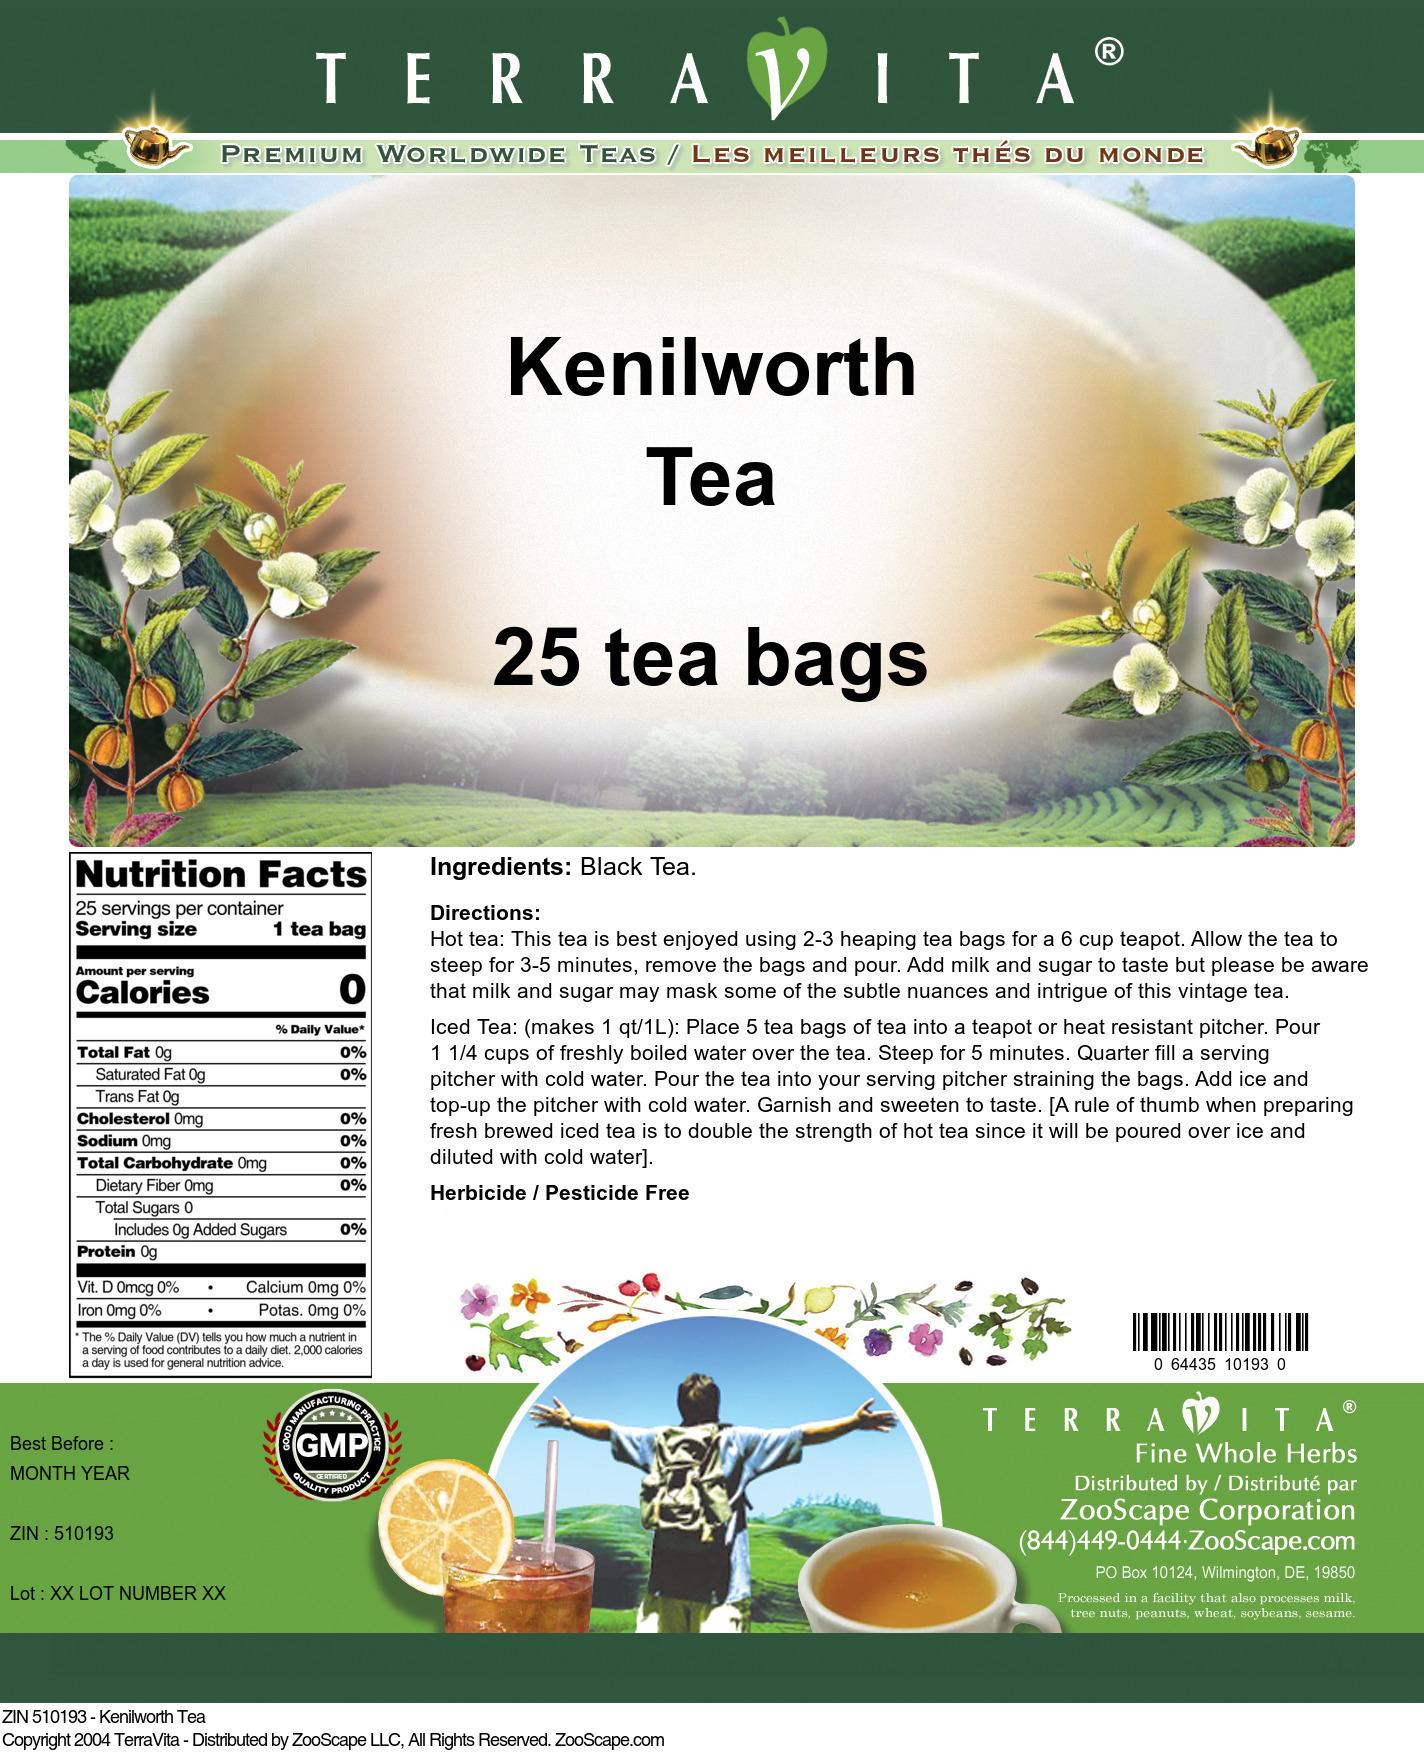 Kenilworth Tea